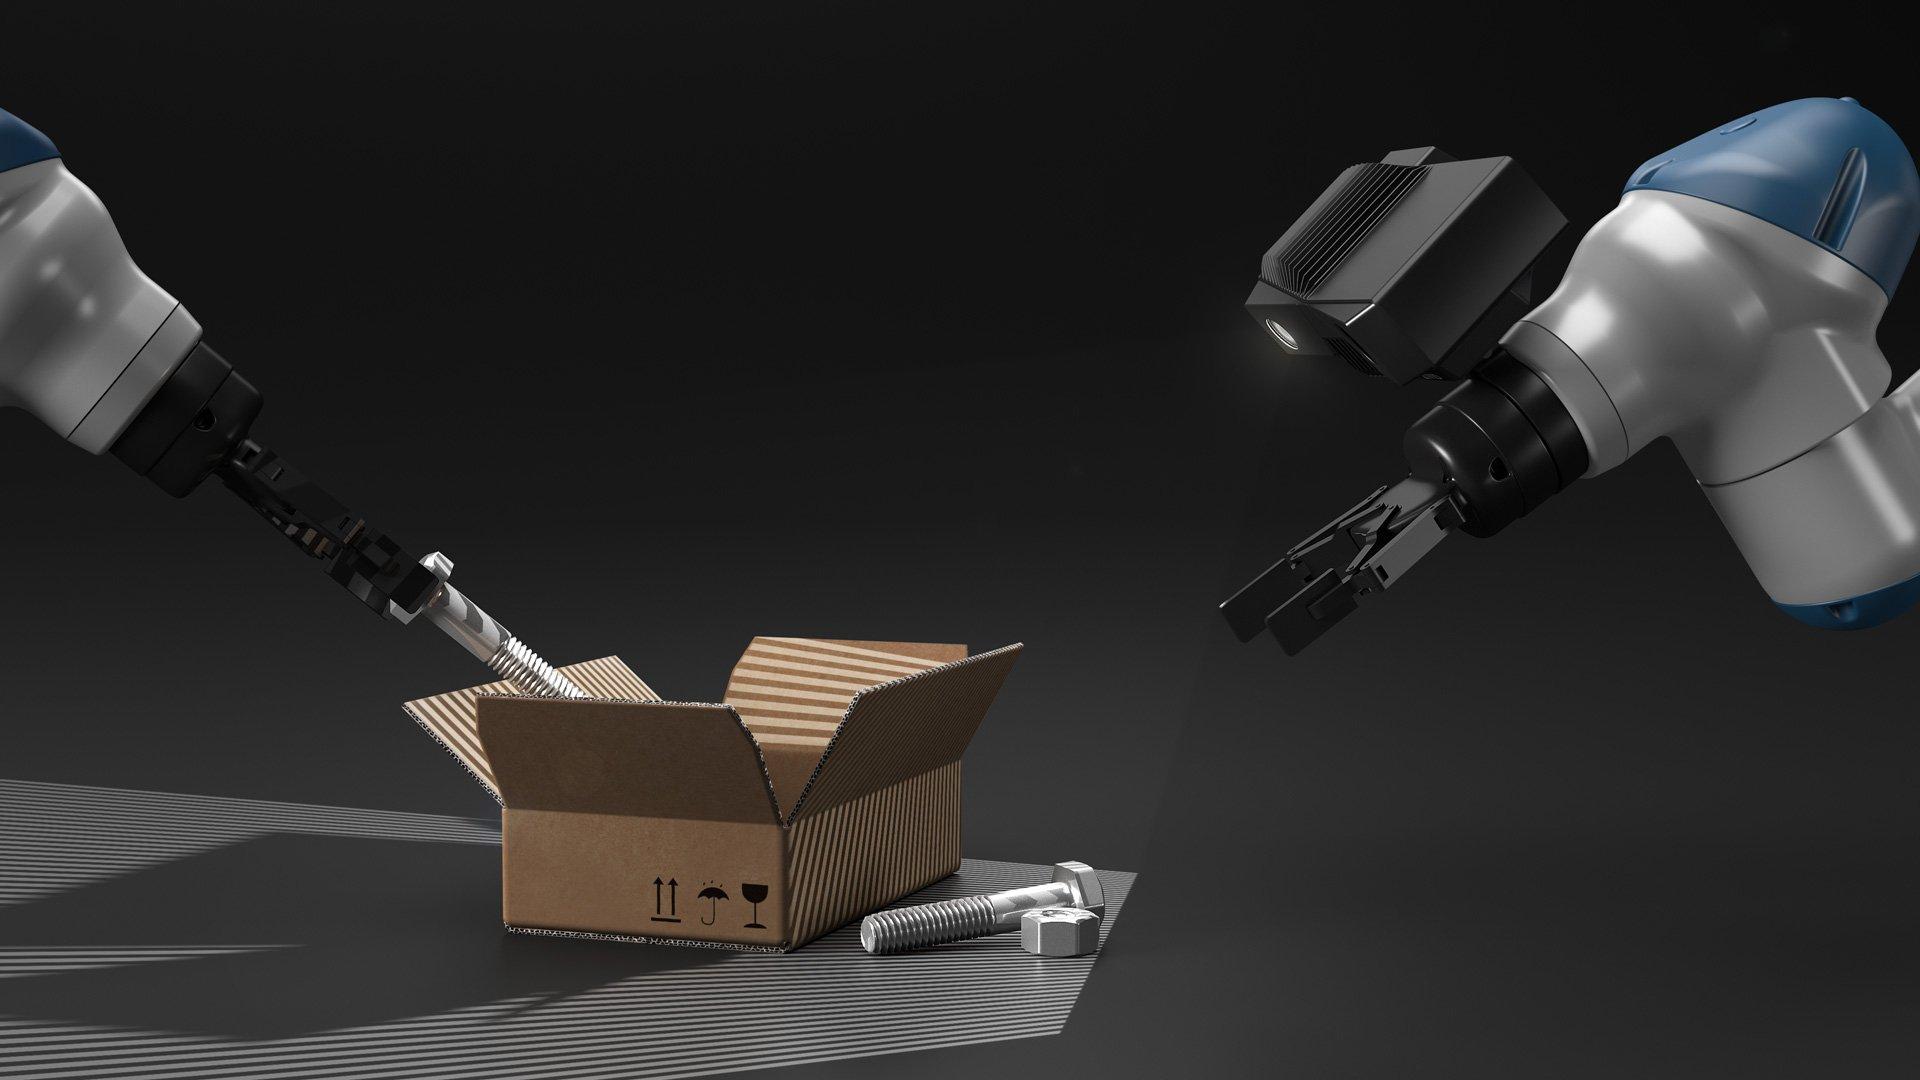 Zivid-3D-Structural-Light-Robots